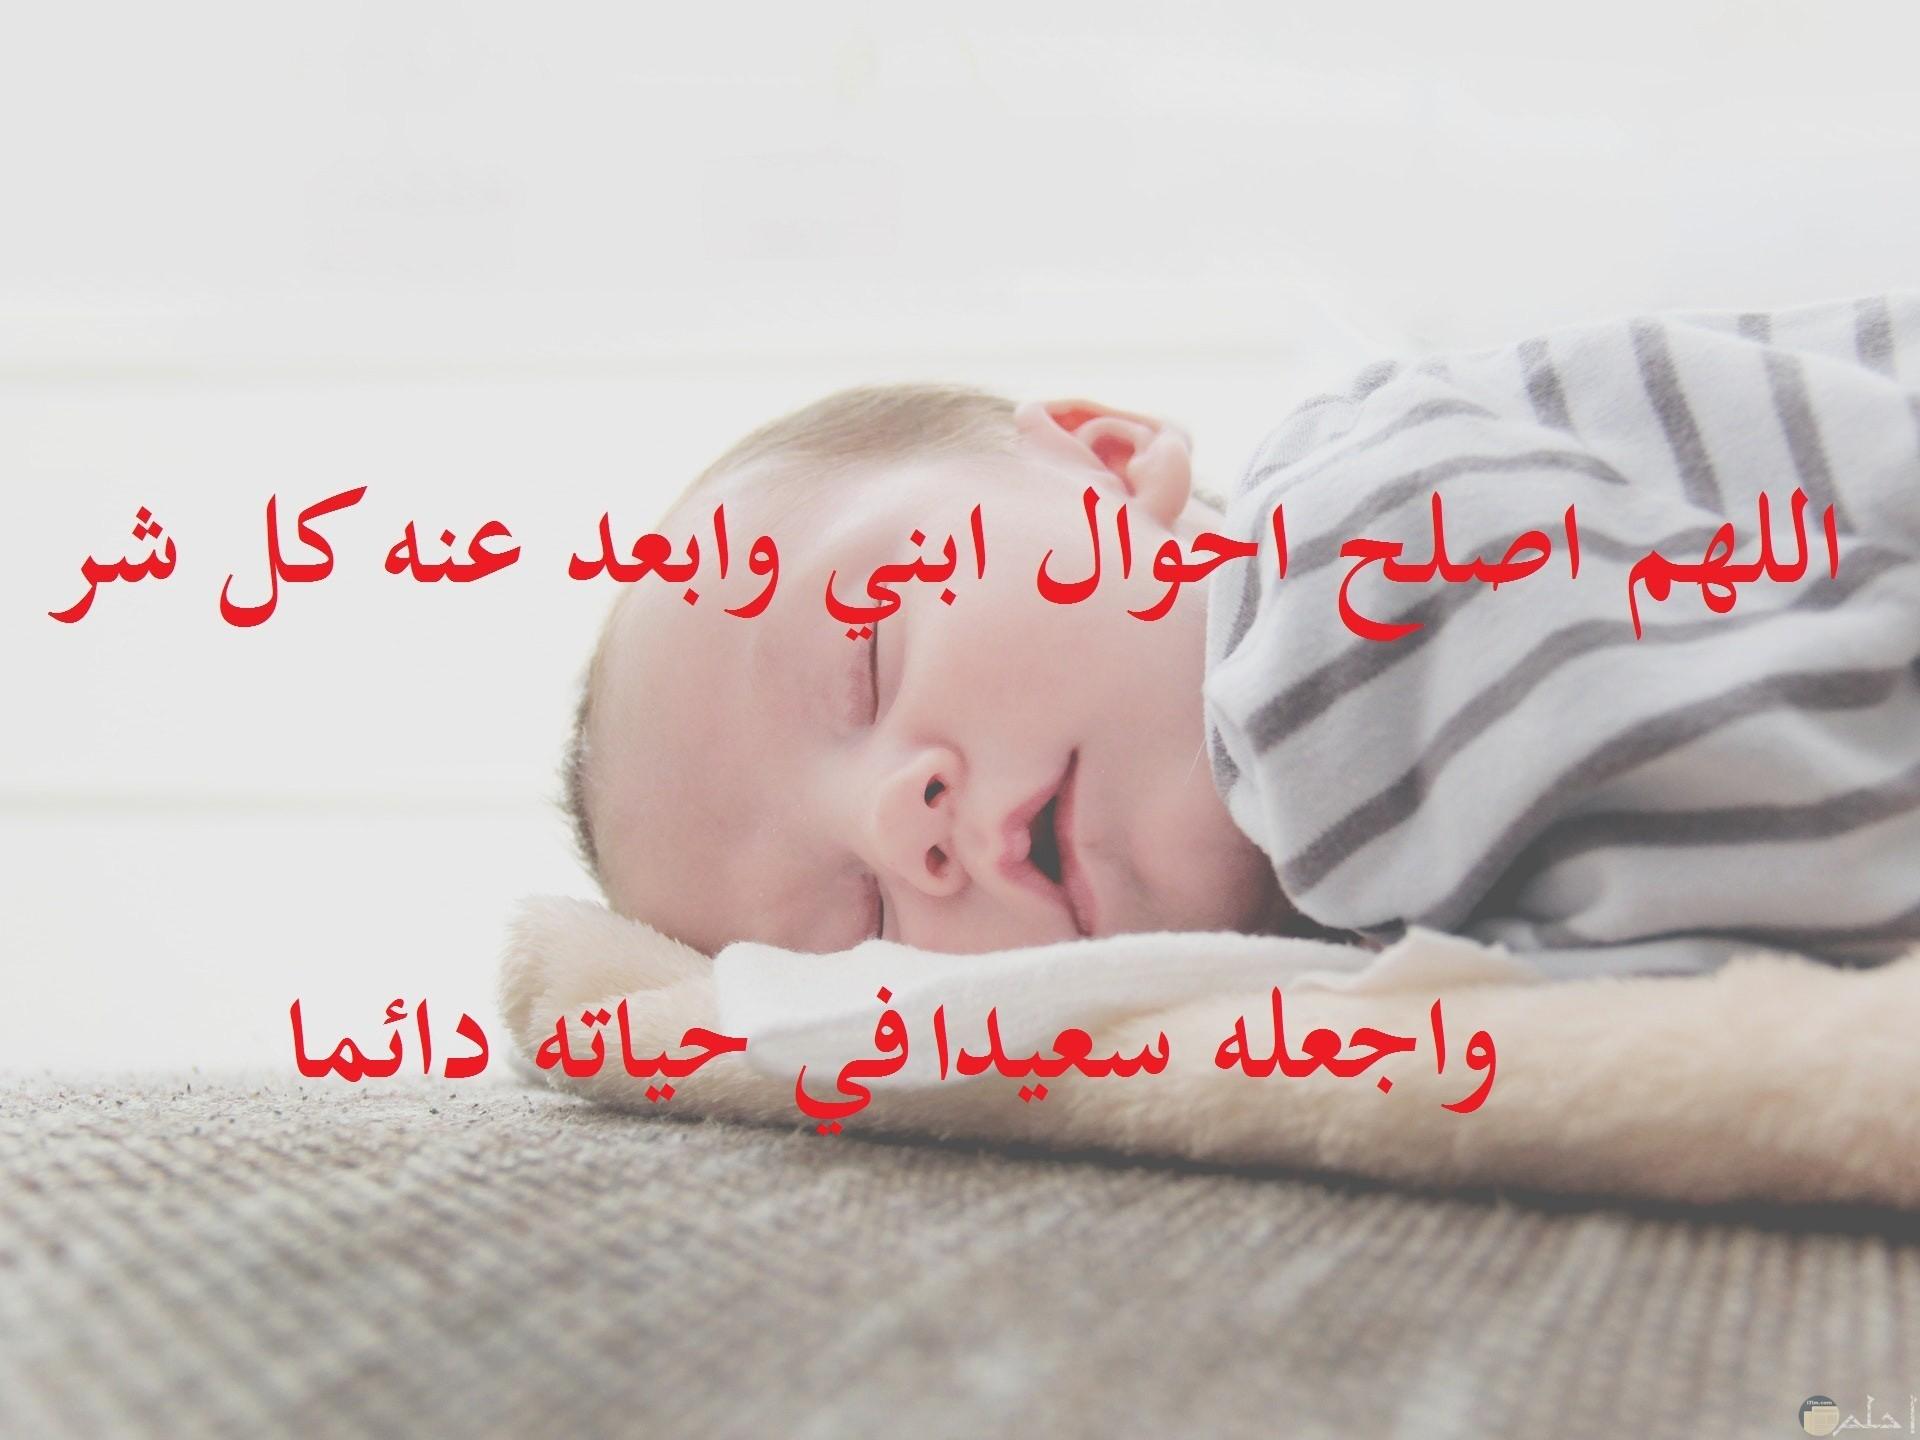 صورة جميلة مكتوب عليها دعاء للإبن مع خلفية طفل صغير نائم